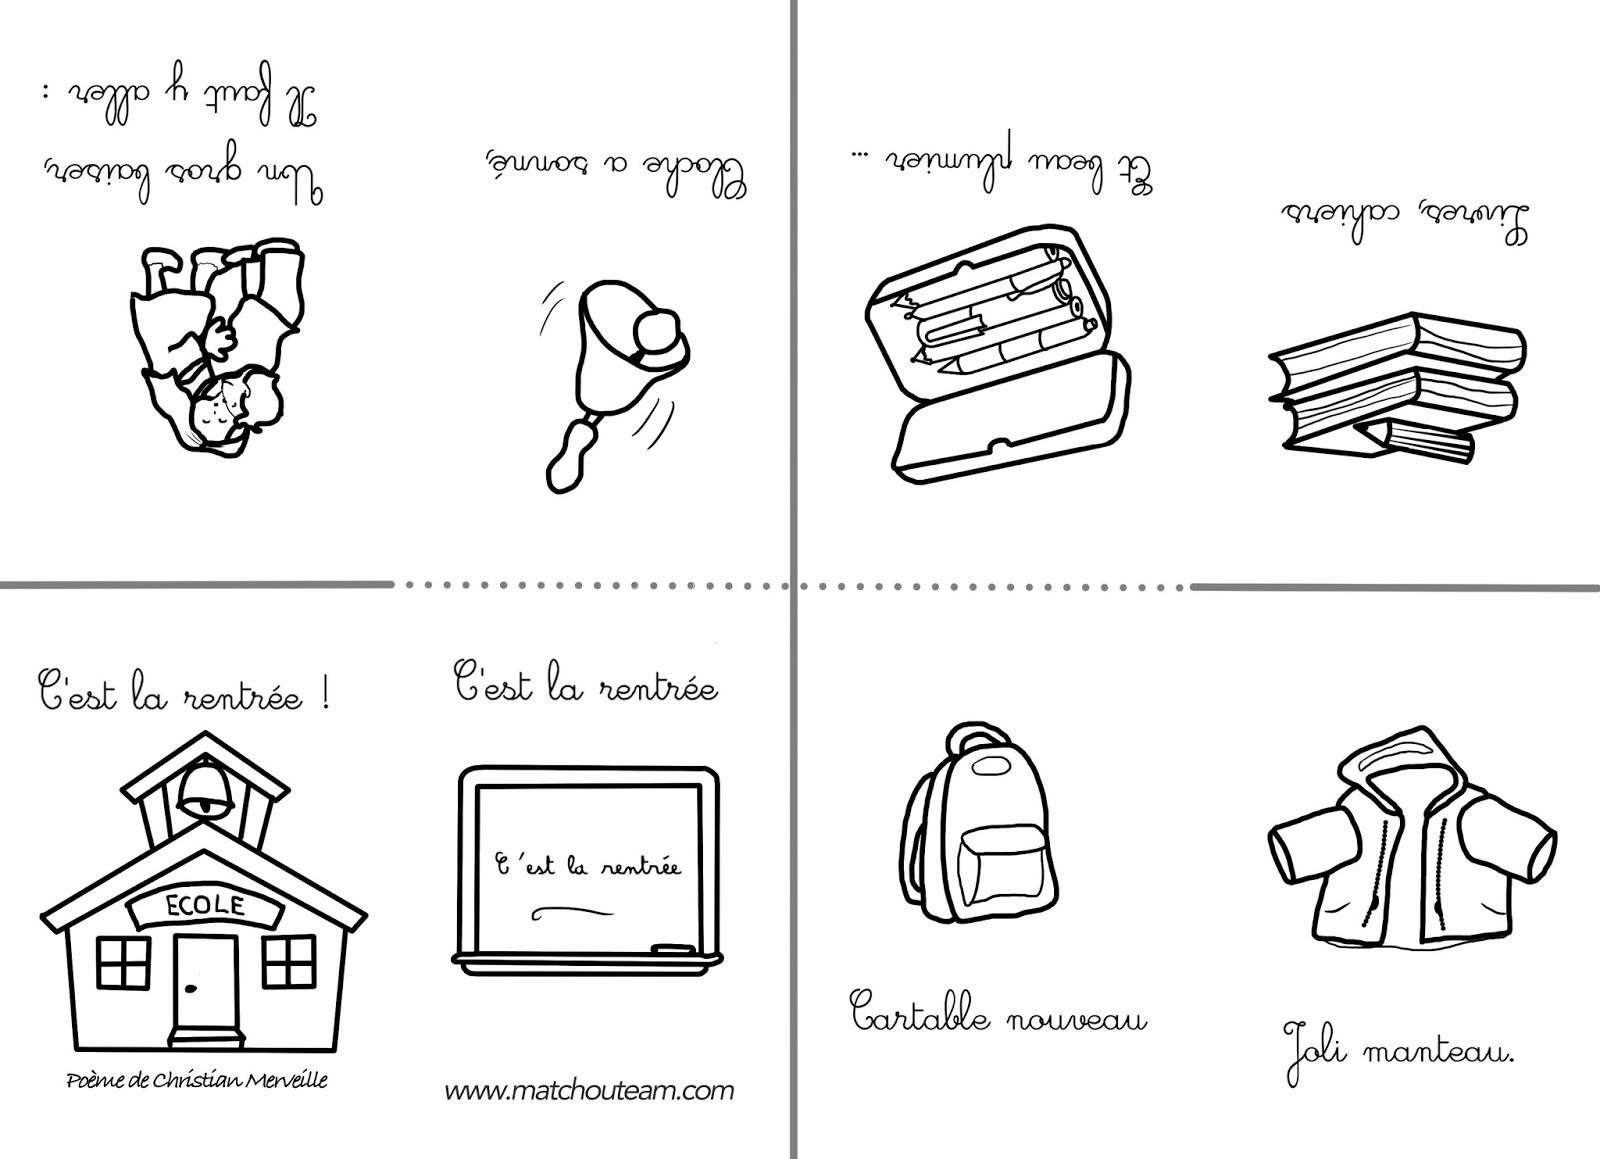 poésie pour la rentrée scolaire